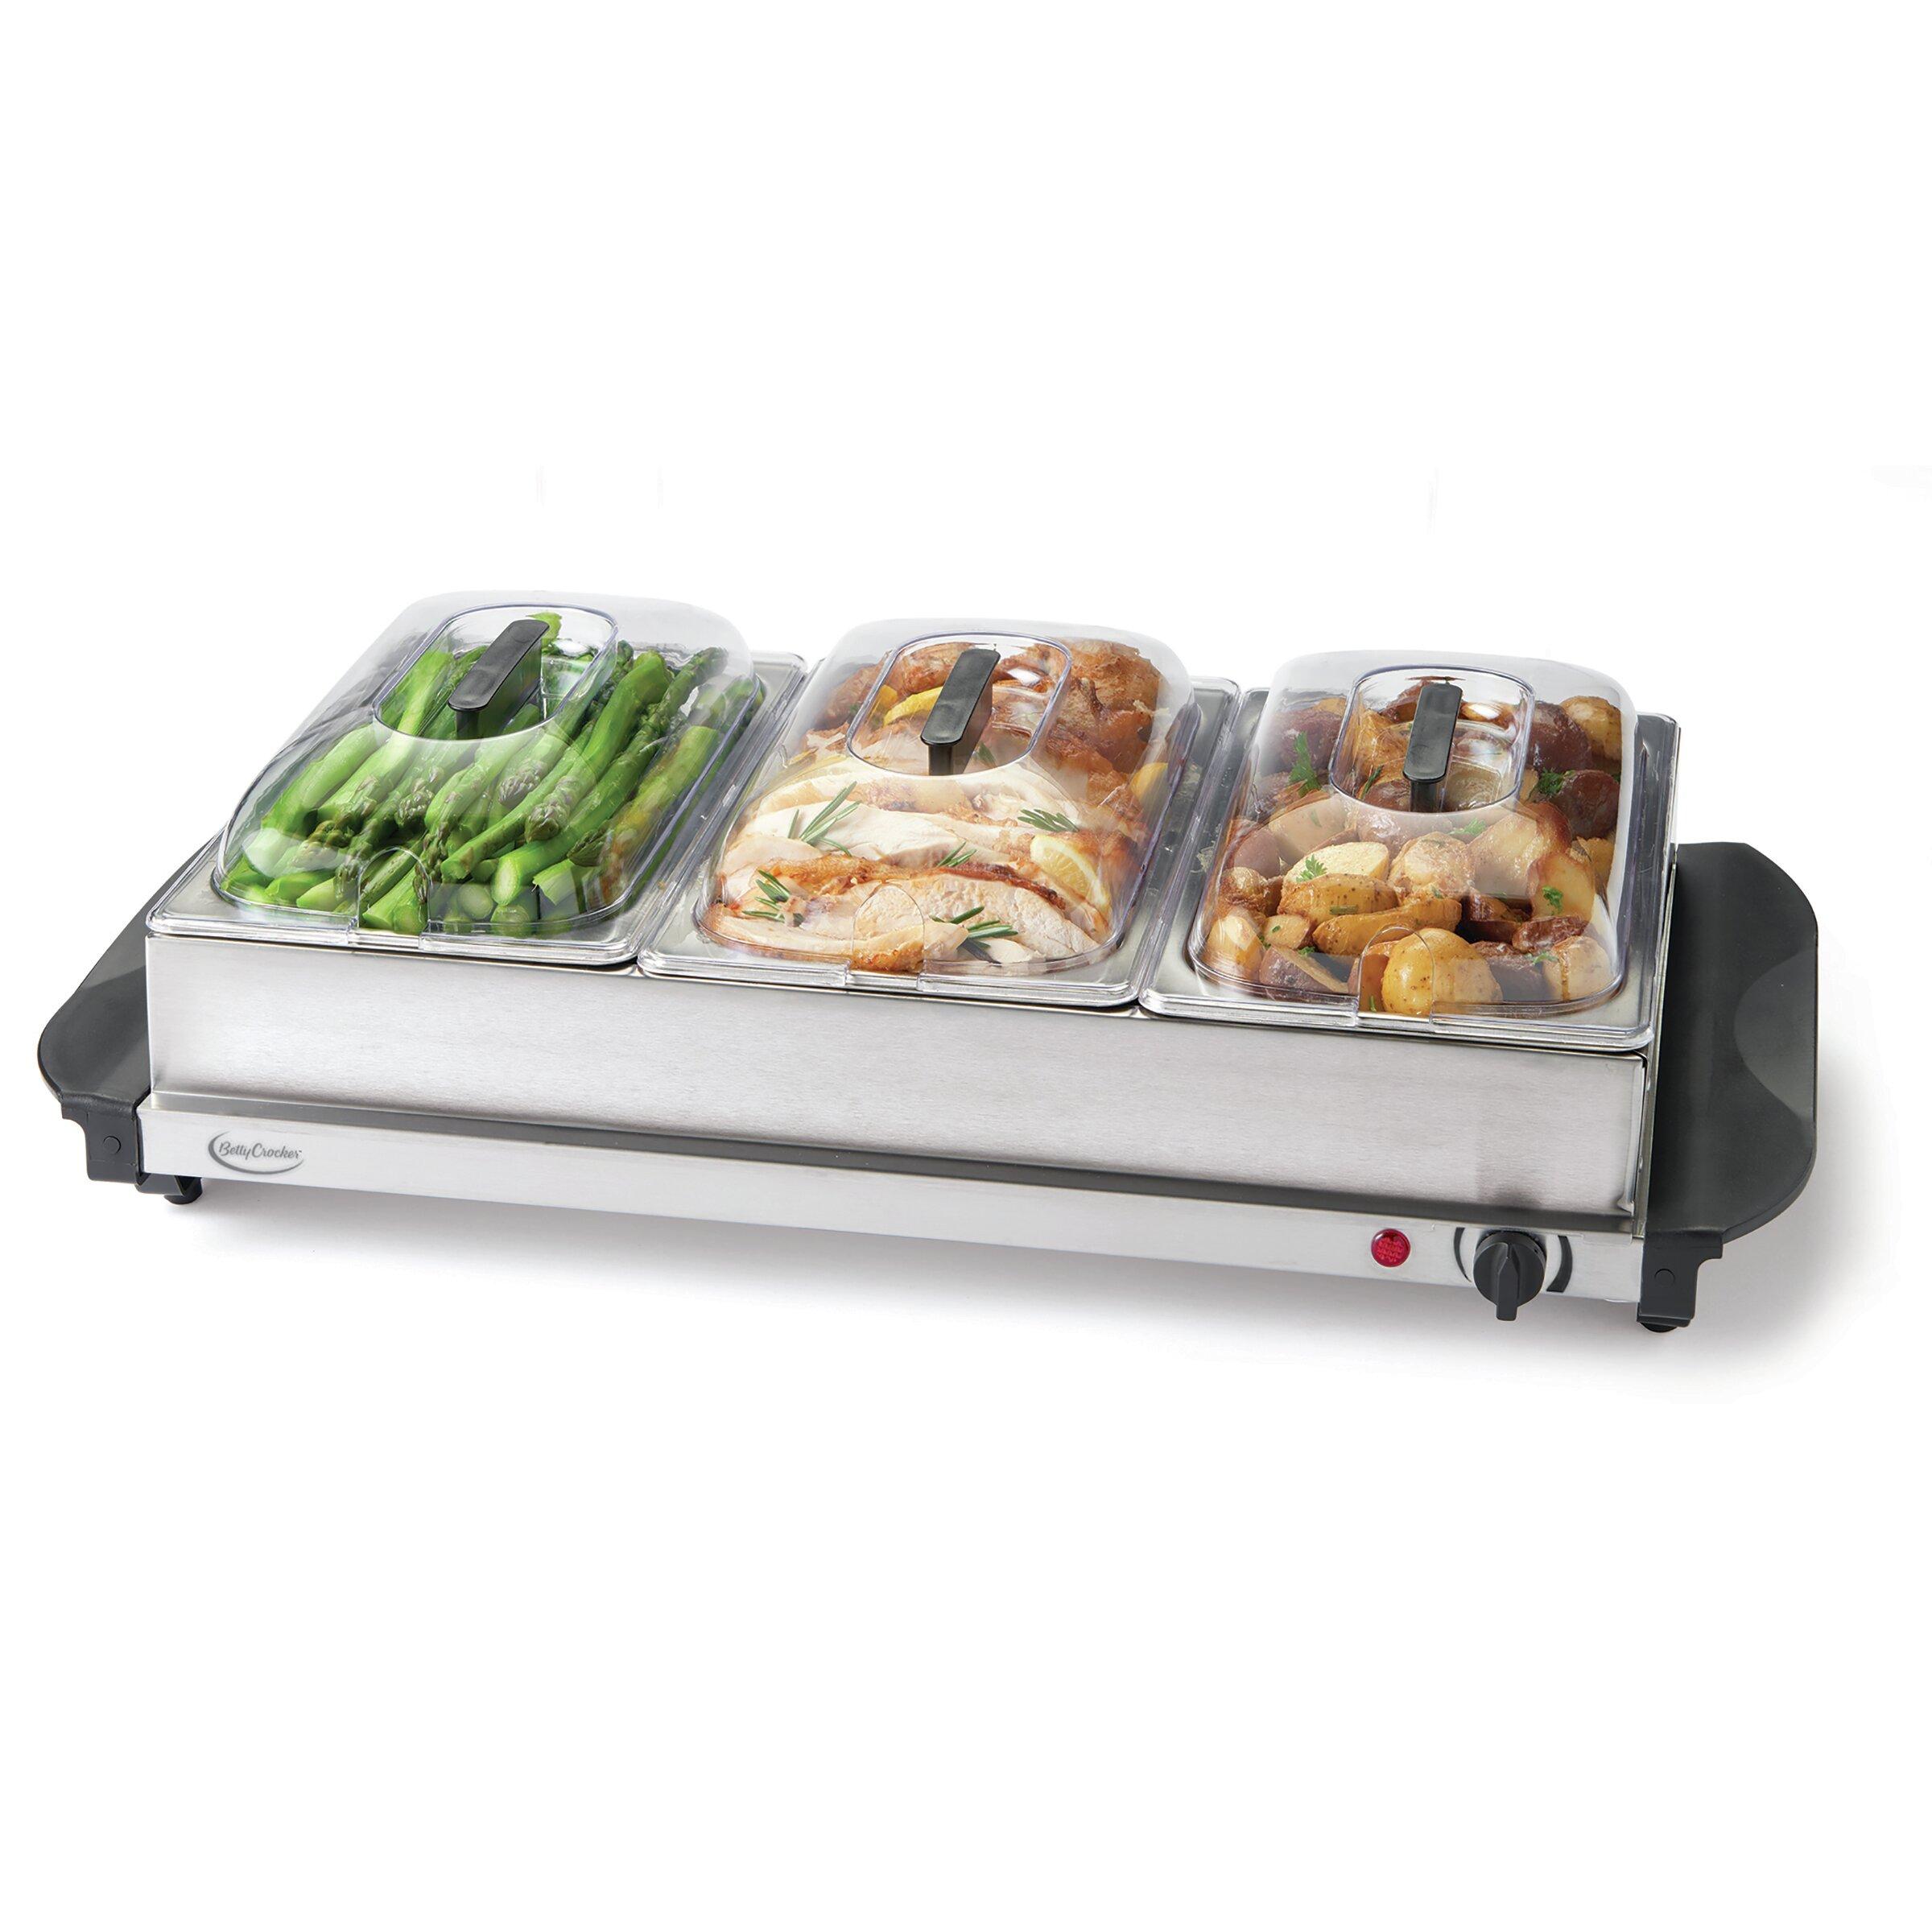 Betty Crocker Stainless Steel Buffet Server And Warming Tray 7 5 Qt Wayfair